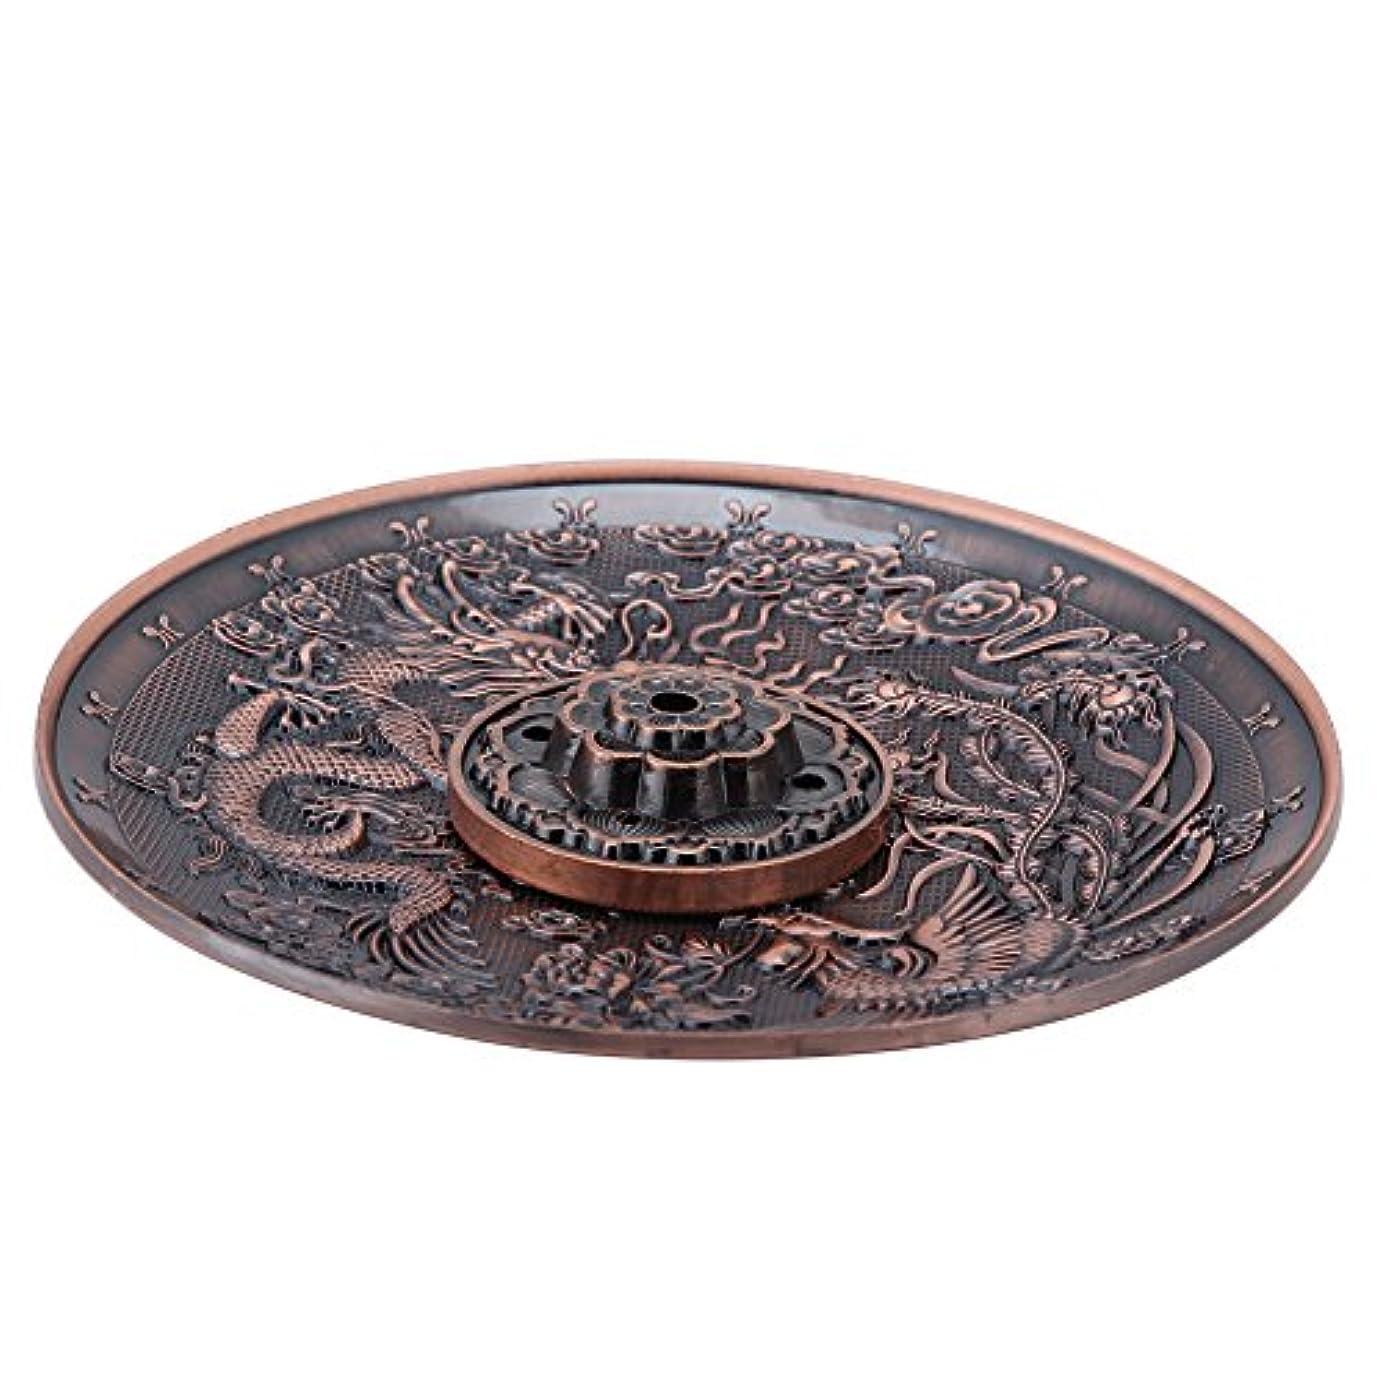 コーデリア預言者祈り香皿 亜鉛の香り バーナーホルダー寝室の神殿のオフィスのためのドラゴンパターンの香炉プレート(レッドブロンズ)